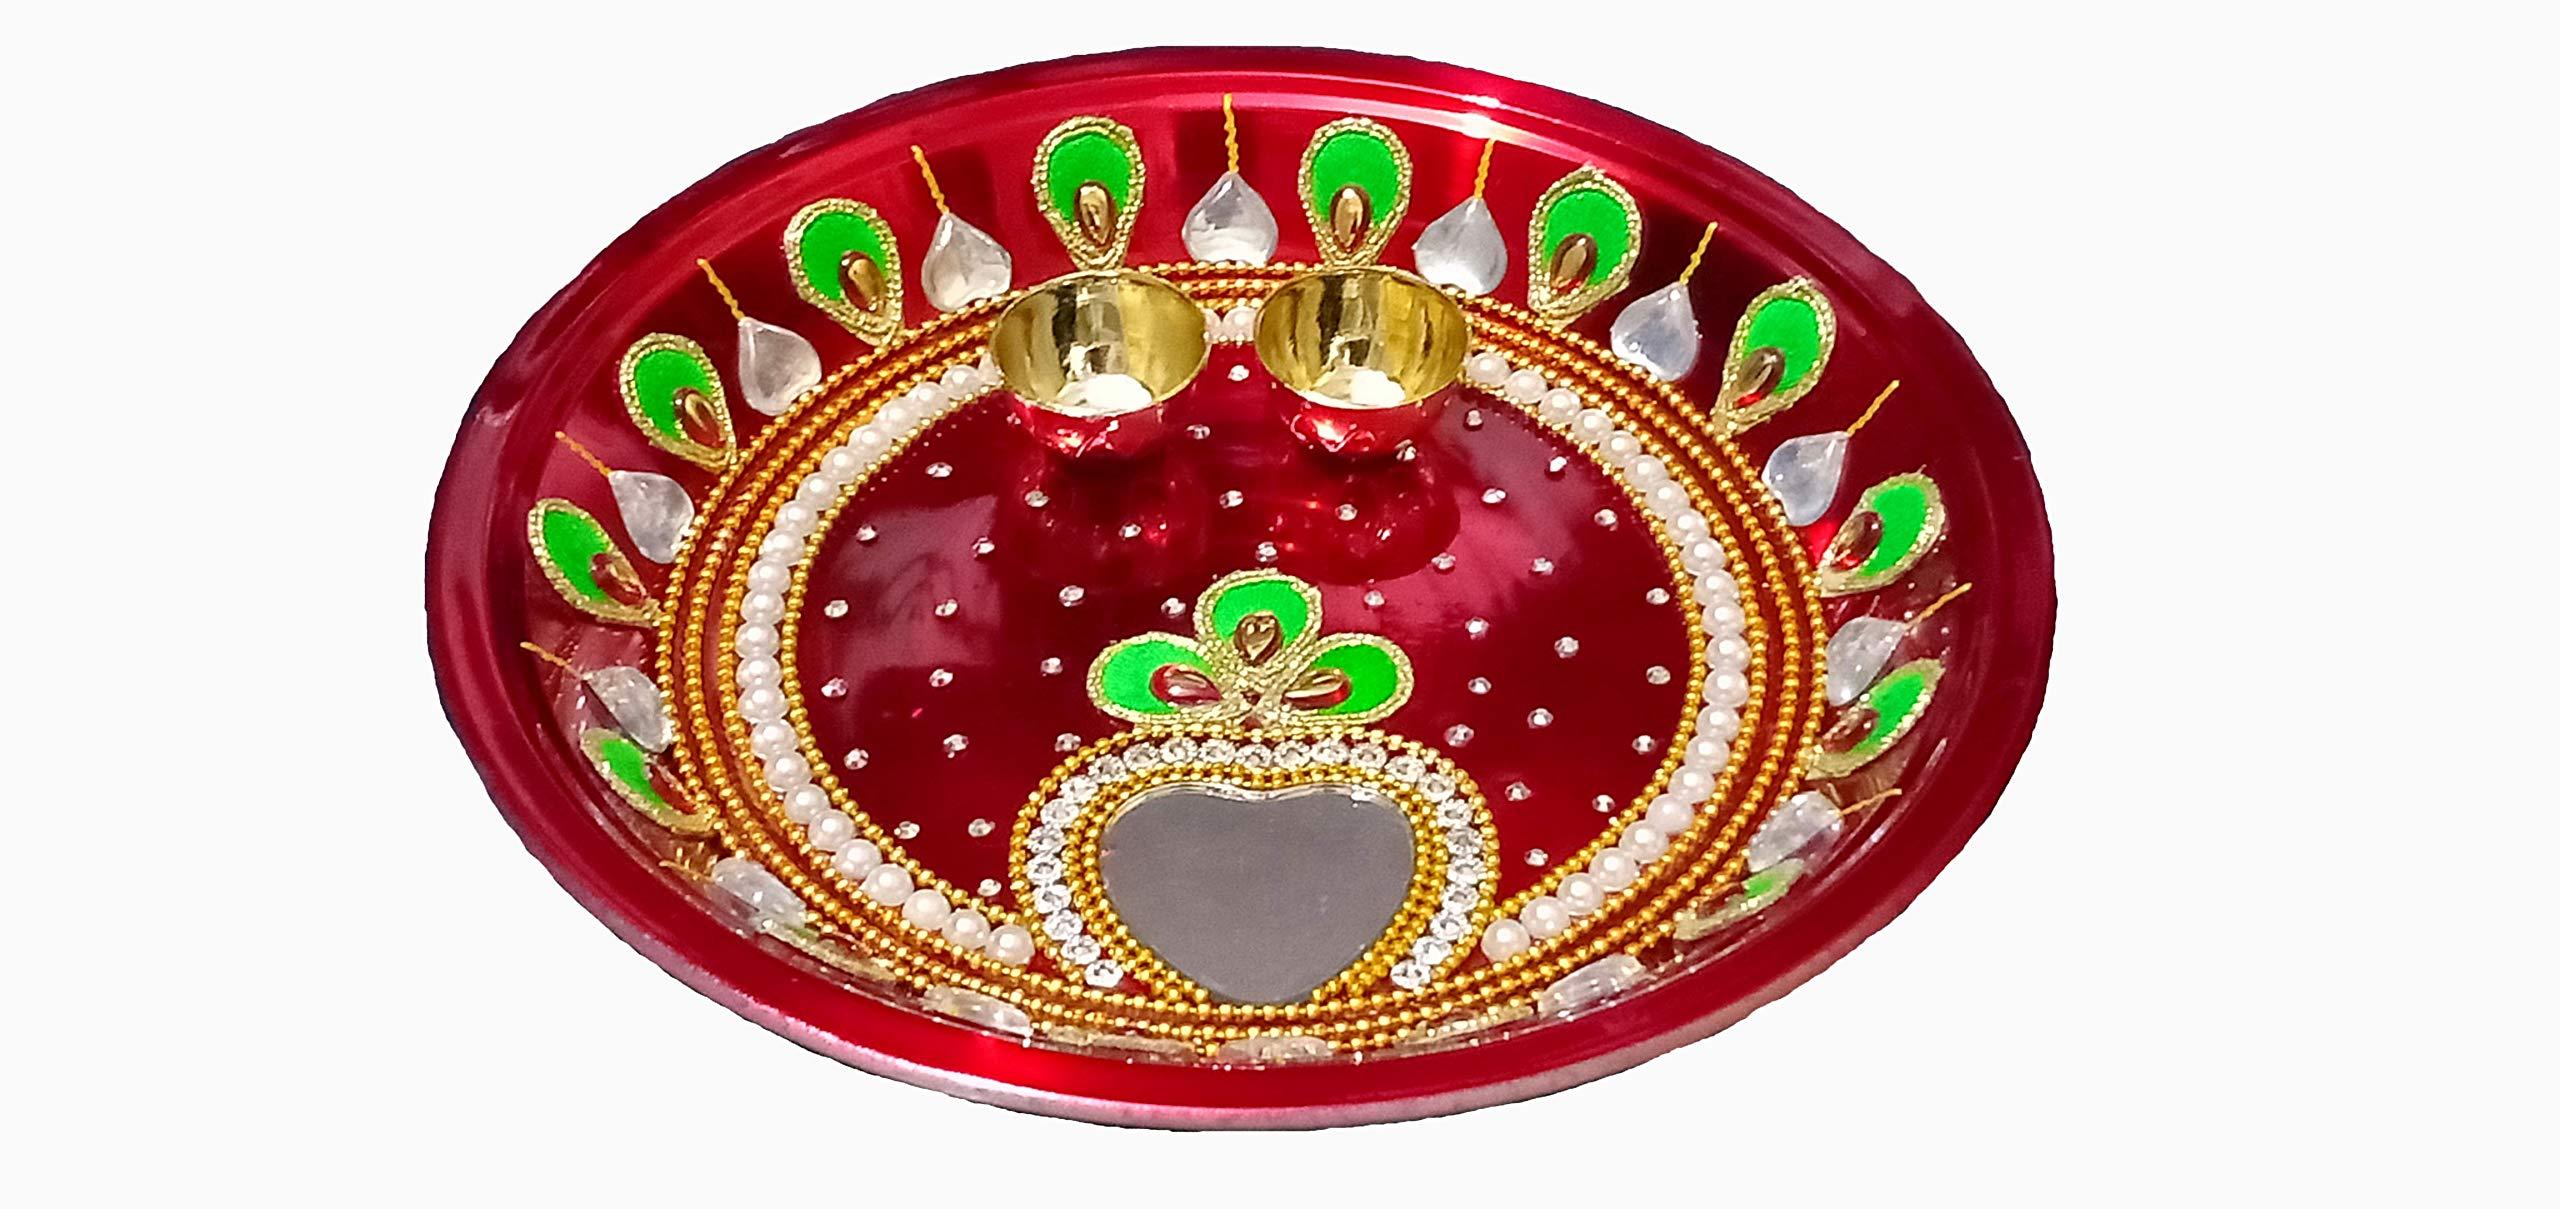 GD Stainless Steel Pooja Thali Set,Puja Plate,Puja thali Decorative,Traditional Steel Decorative Pooja thali Beautiful,Festive Ethnic,haldi kumkum Holder,Navratri,Diwali,Home,Temple,Office Red Color